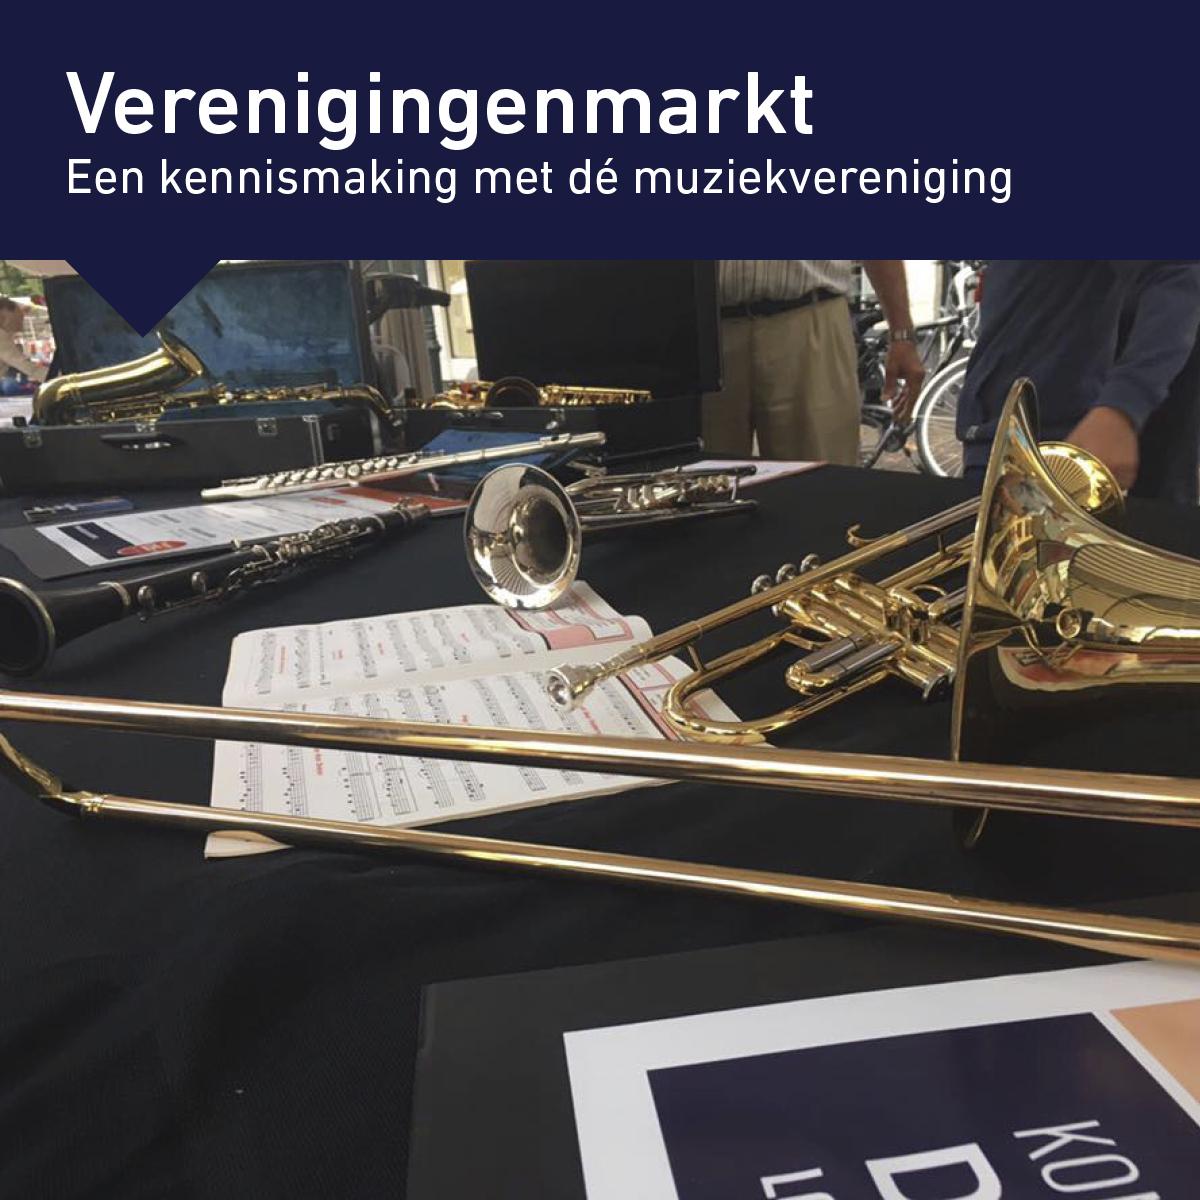 Verenigingenmarkt 2017 Sluis en Bruggenfeest